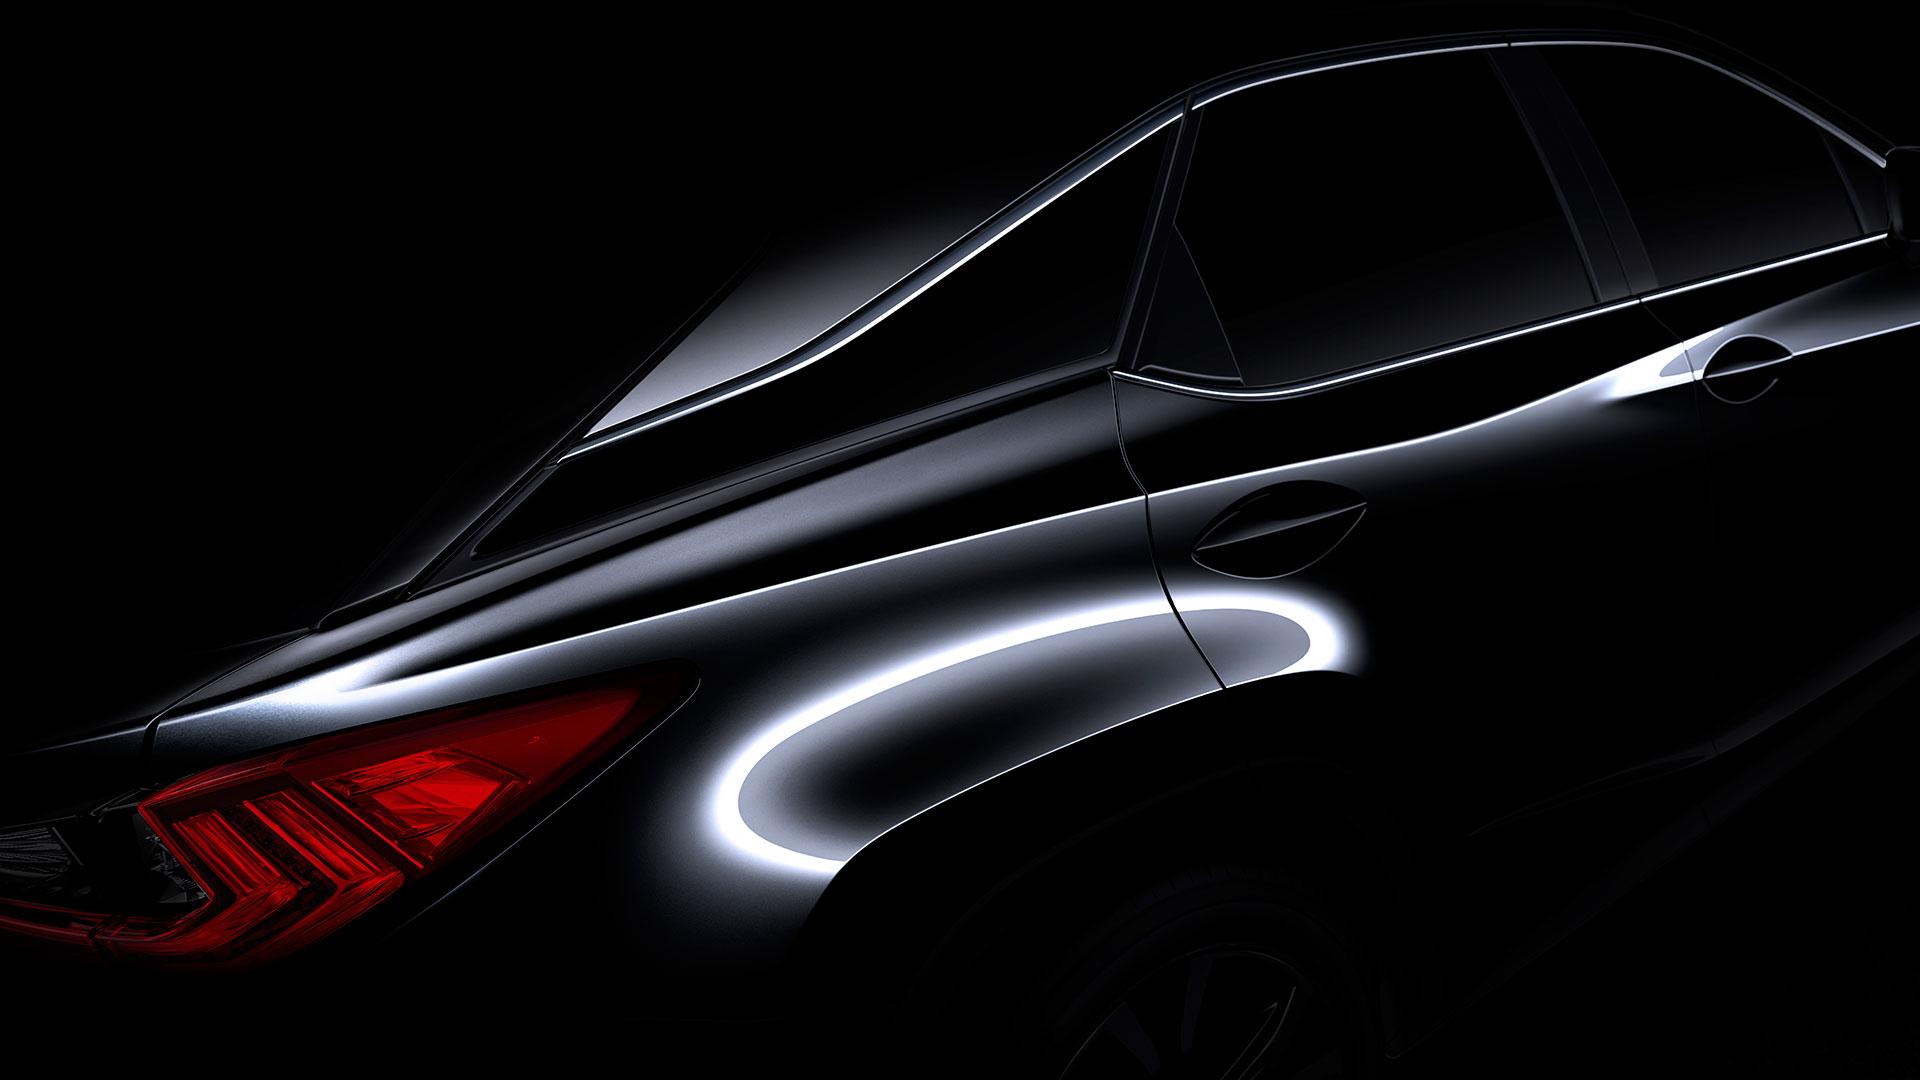 Lexus presentará una novedad mundial hero asset